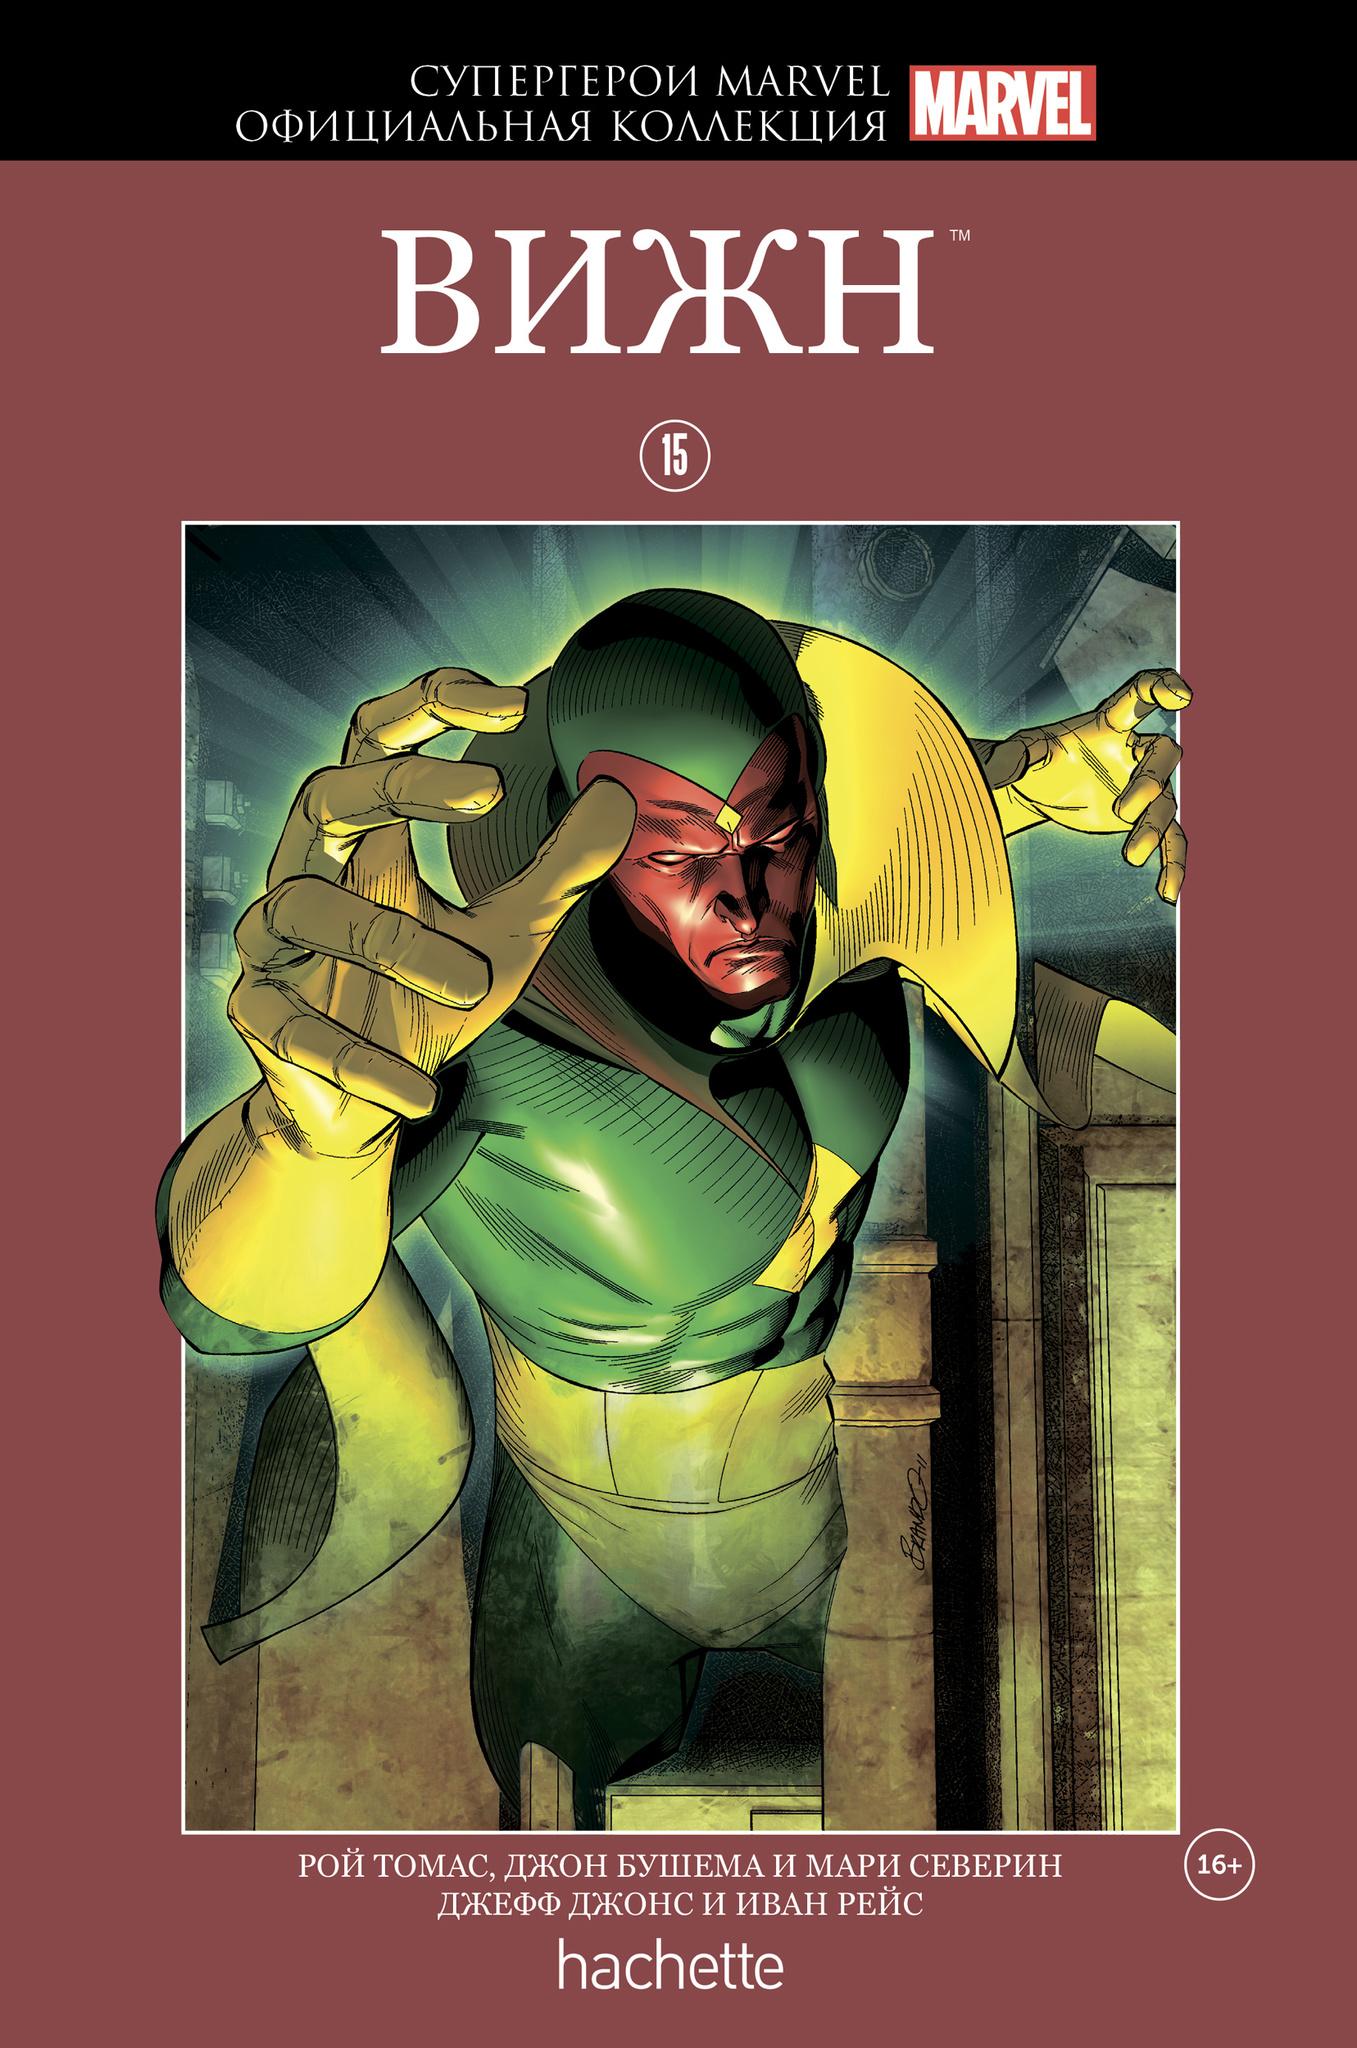 Супергерои Marvel. Официальная коллекция №15. Вижн